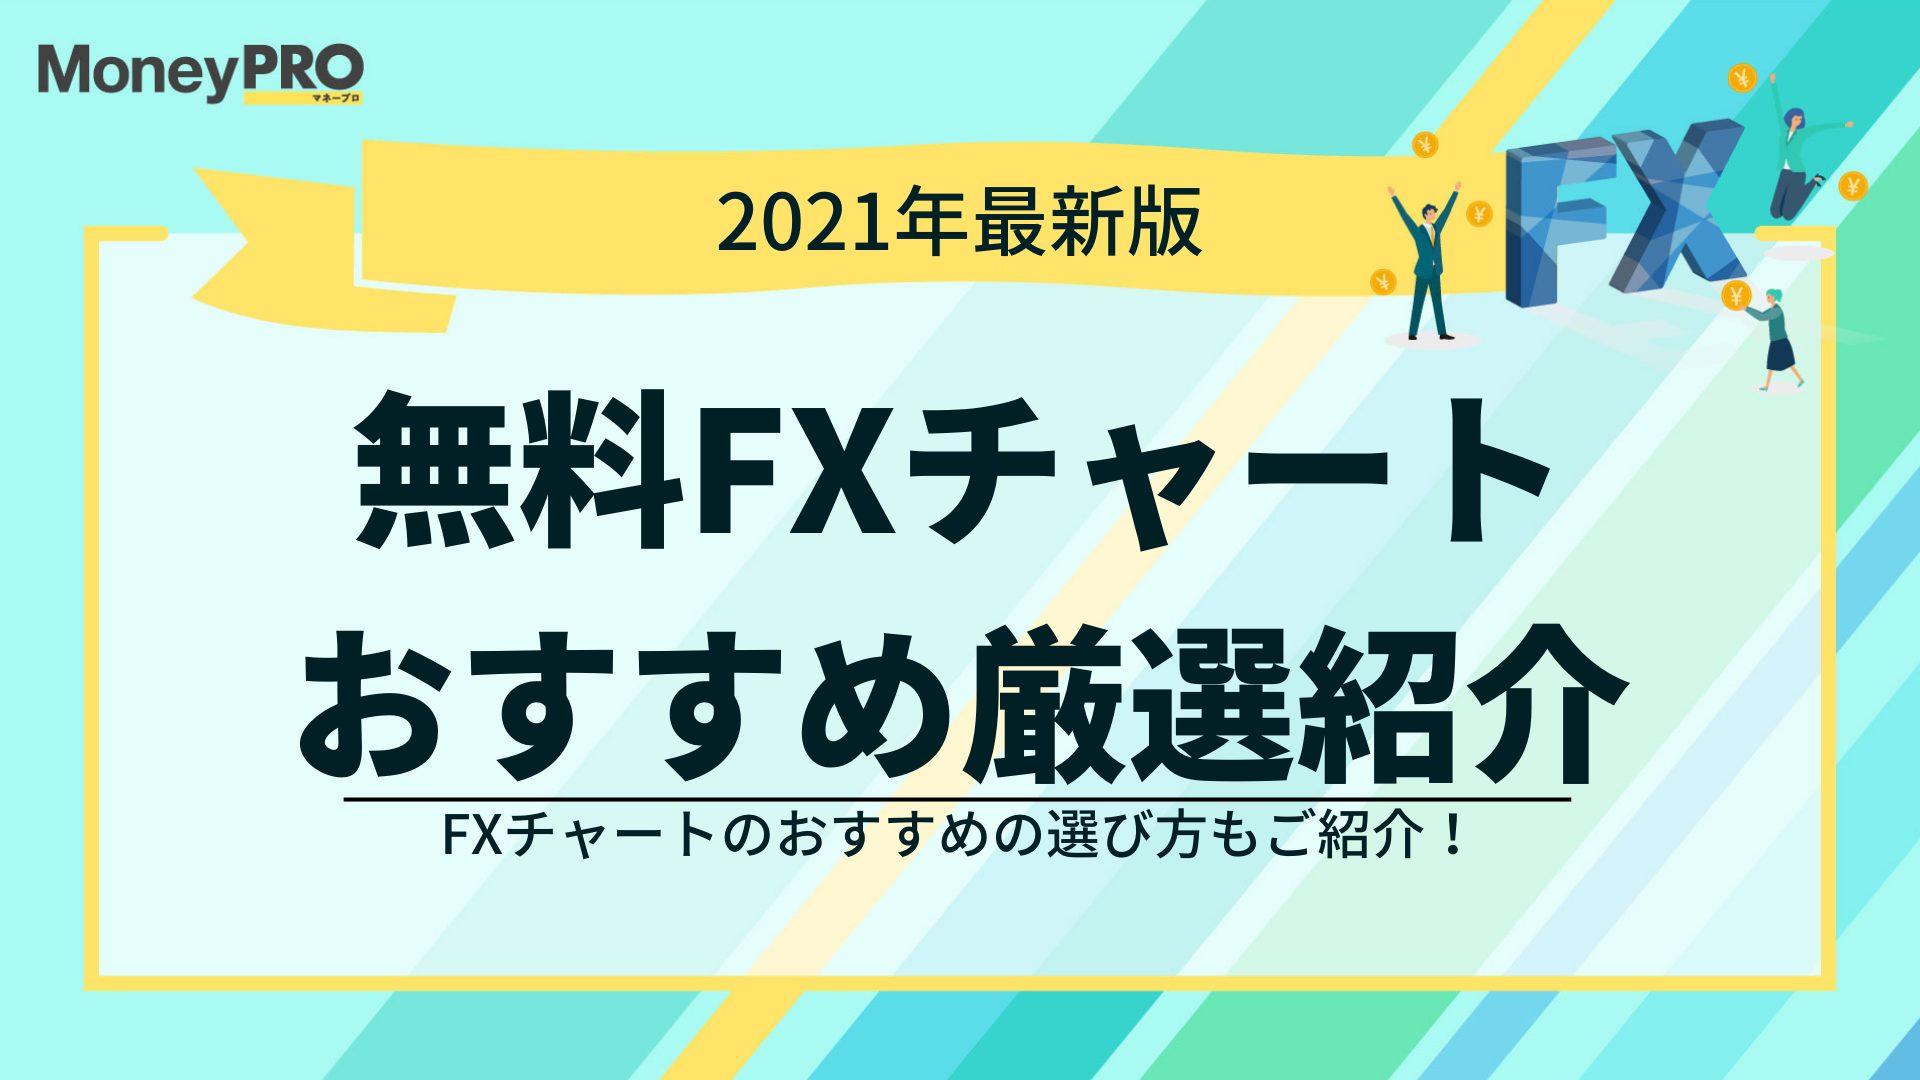 【無料】で使えるおすすめFXチャート8選!選び方も徹底解説!